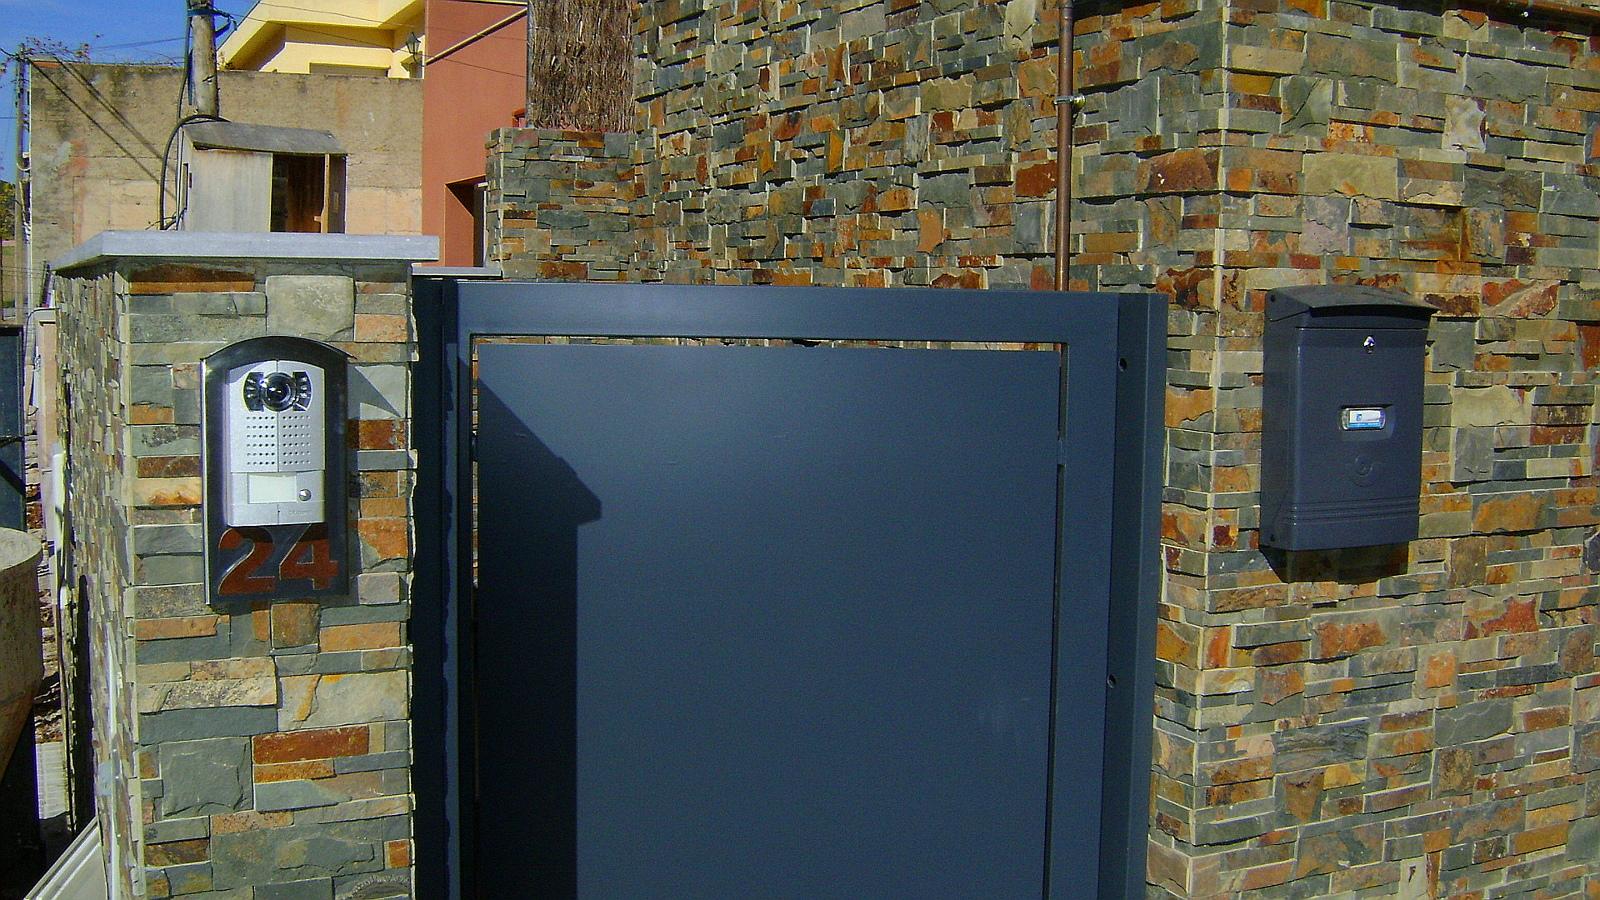 Foto vivienda unifamiliar aislada puerta entrada de - Puertas de viviendas ...